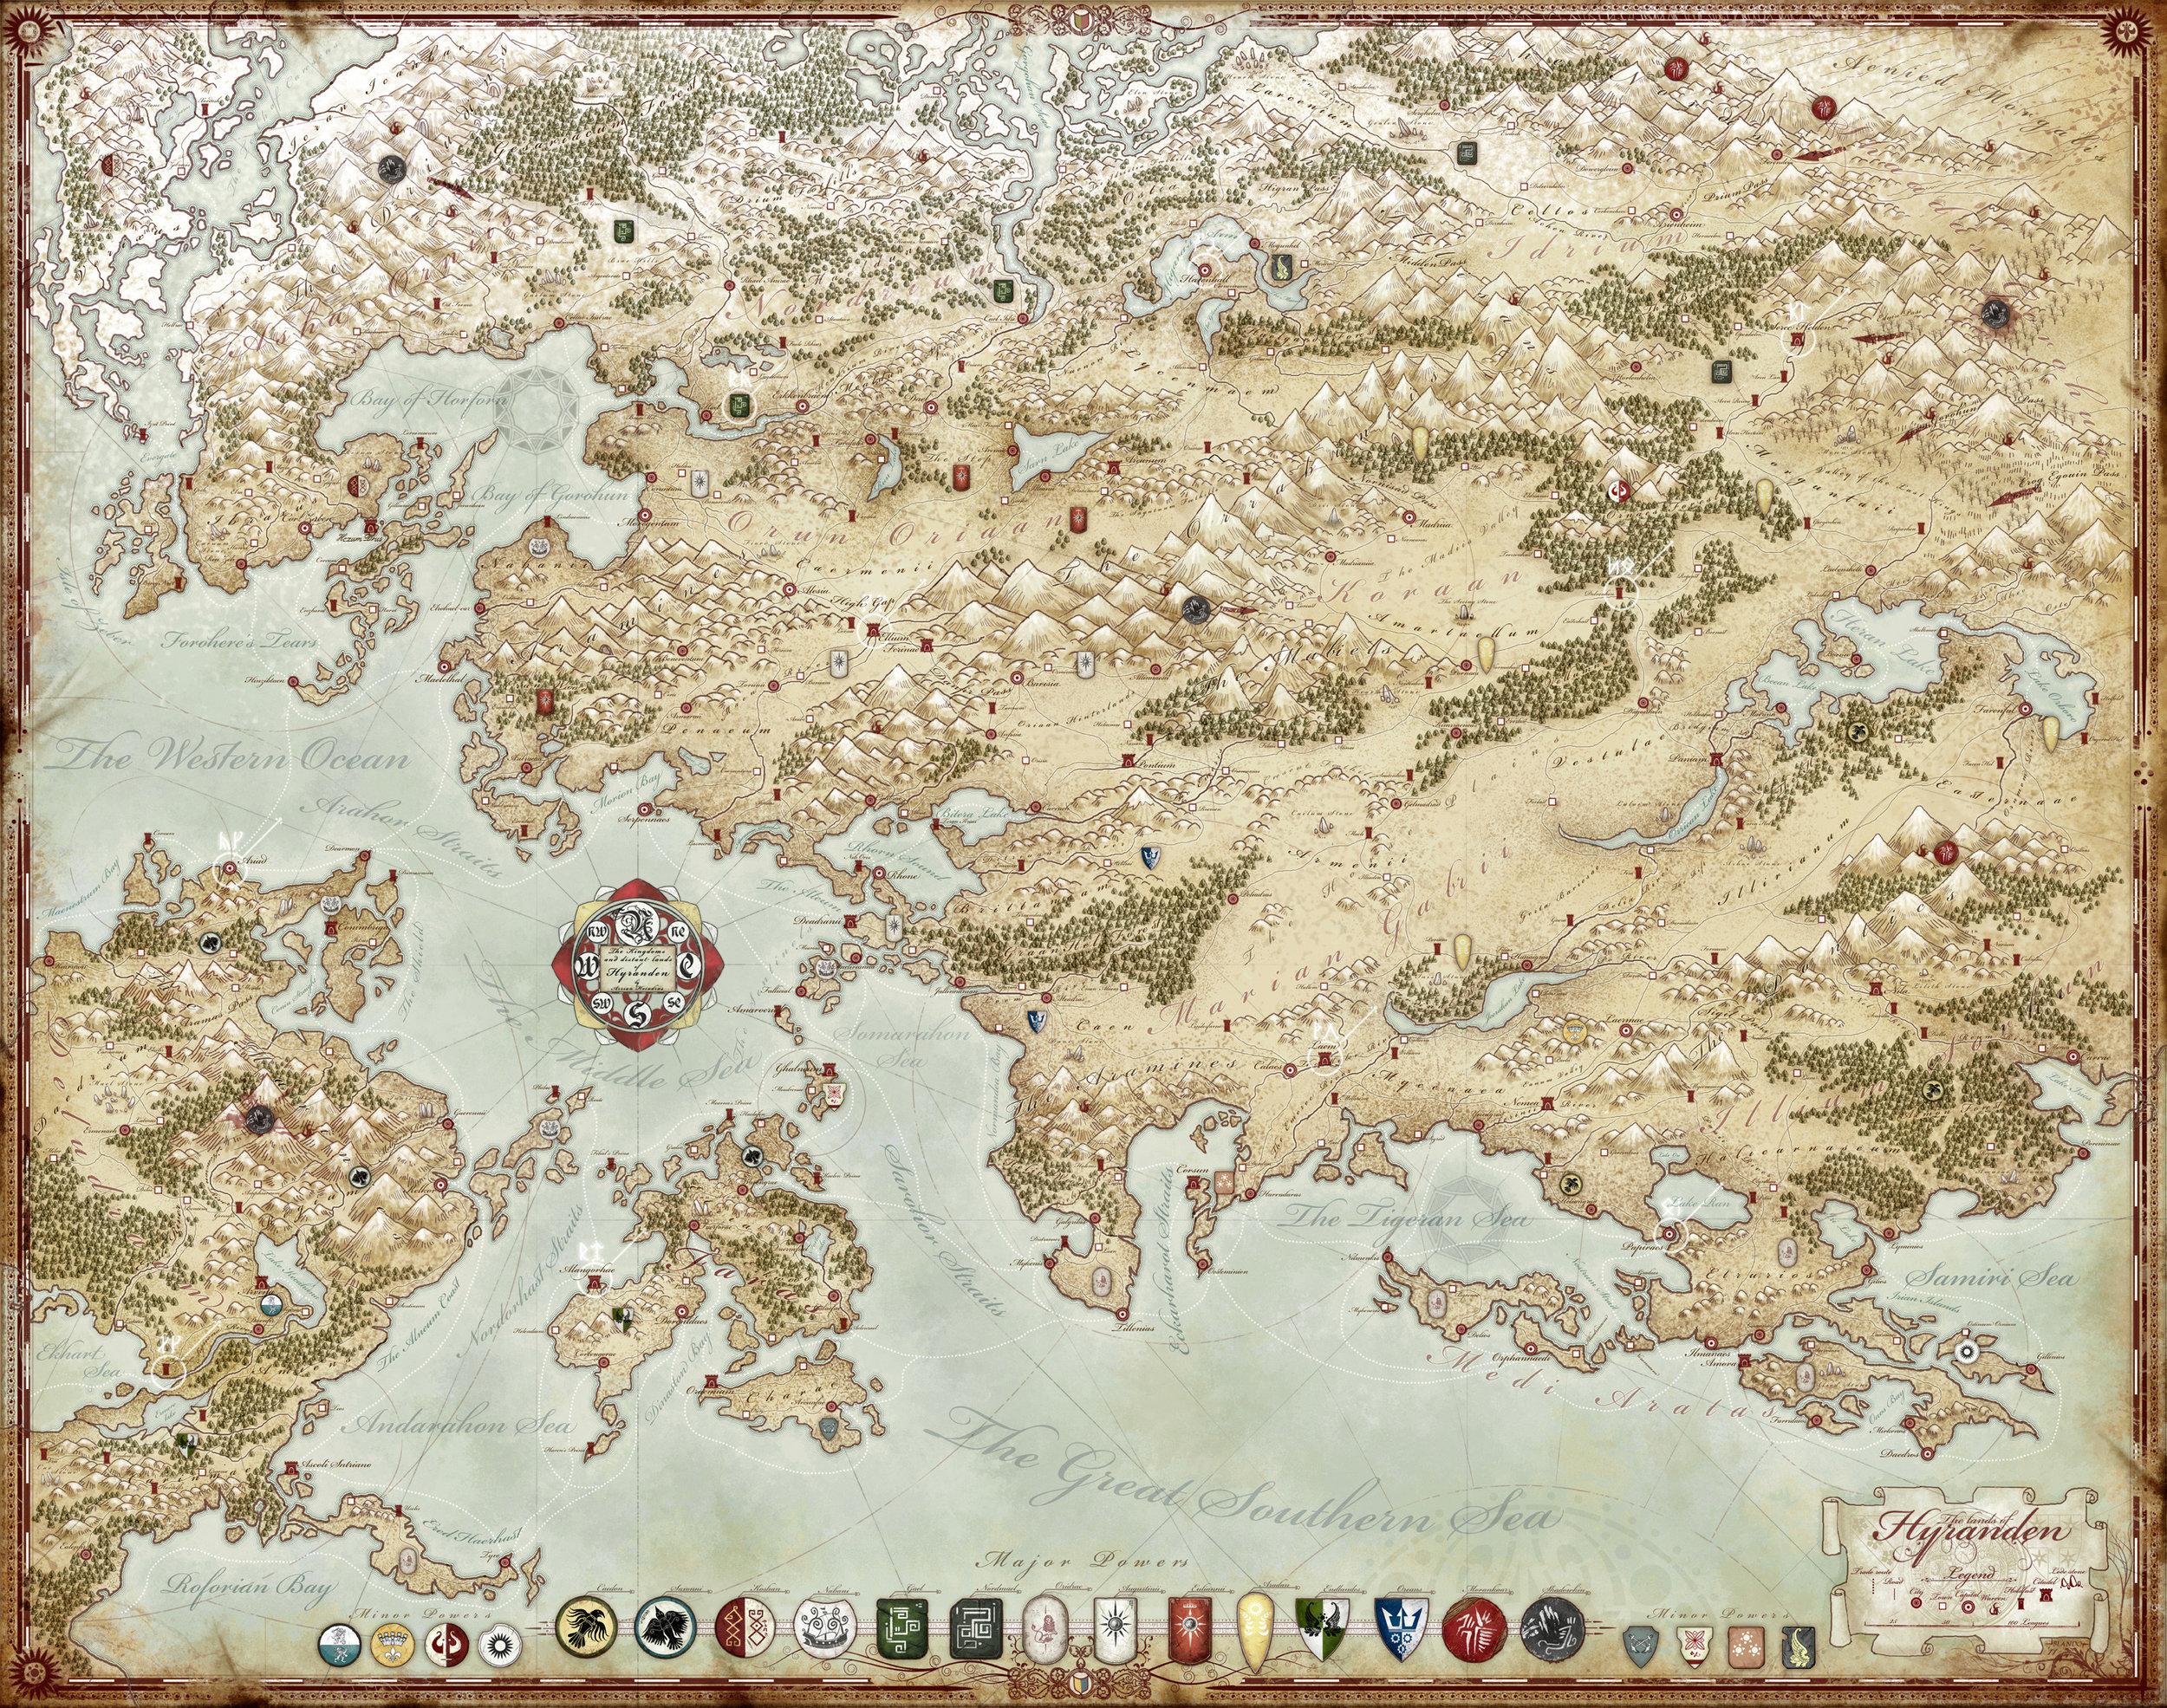 Hyranden: The Western Lands